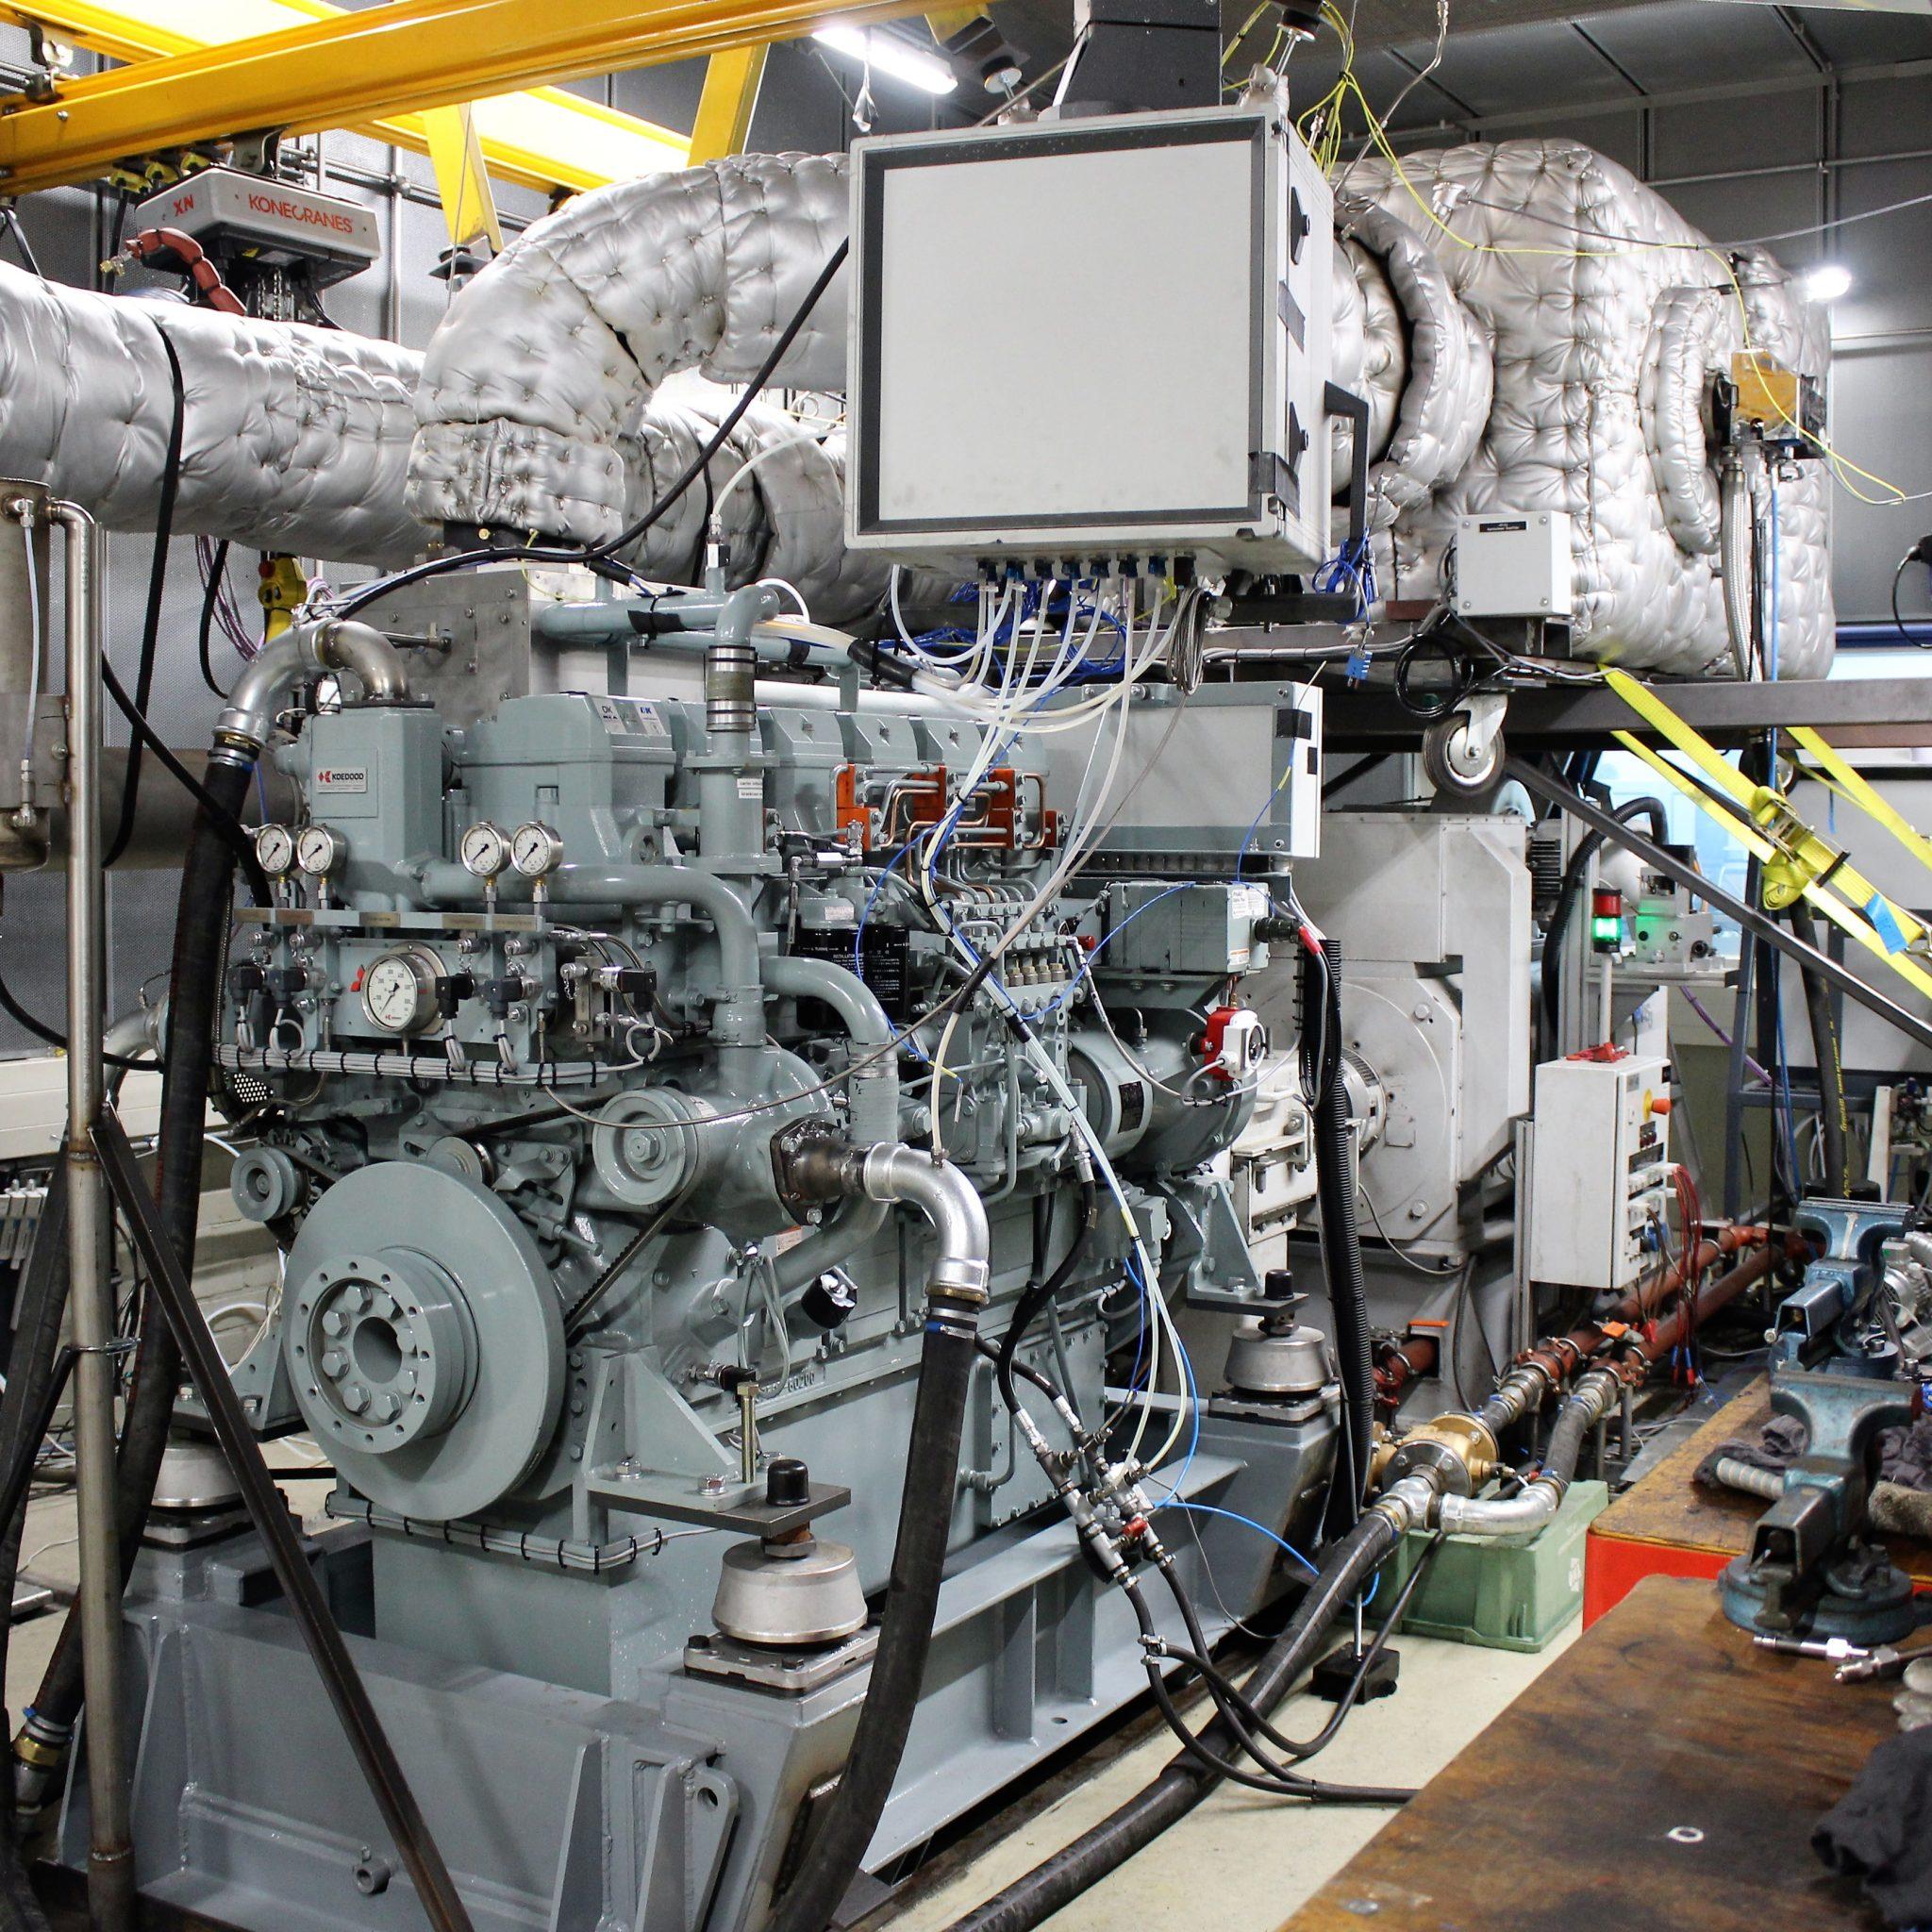 De zescilinder S6R-MPTK/ MPTAW op de testbank van het Power Test Centre van TNO Automotive in Helmond. Met de Stage V-certificering van deze motor wordt de tot 16 cilinders doorlopende MPTK/MPTAW motorenfamilie (470 tot 1250 kW) in één keer gecertificeerd. Op de foto links Jeroen van Schaik van TNO Helmond en rechts Richard Suurbach van Koedood Dieselservice. (Foto Hans Heynen)